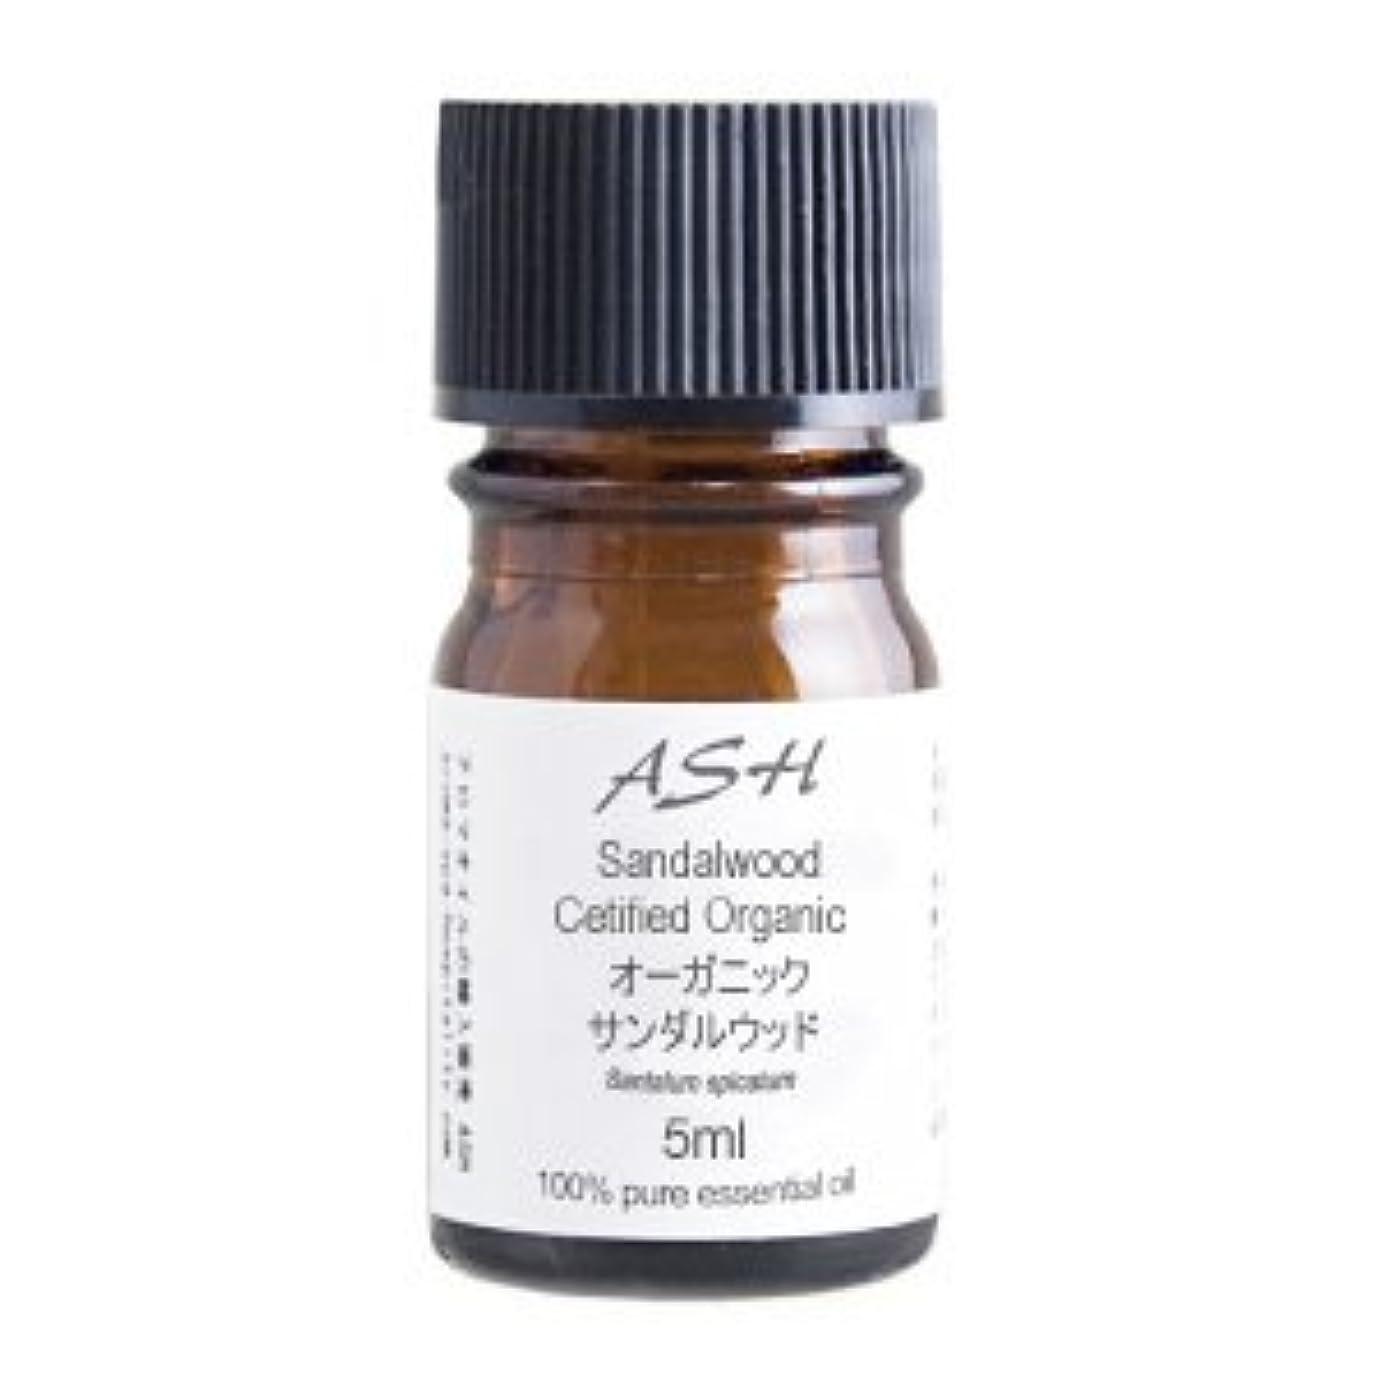 落ち着かないハム便利さASH オーガニック サンダルウッド エッセンシャルオイル 5ml AEAJ表示基準適合認定精油